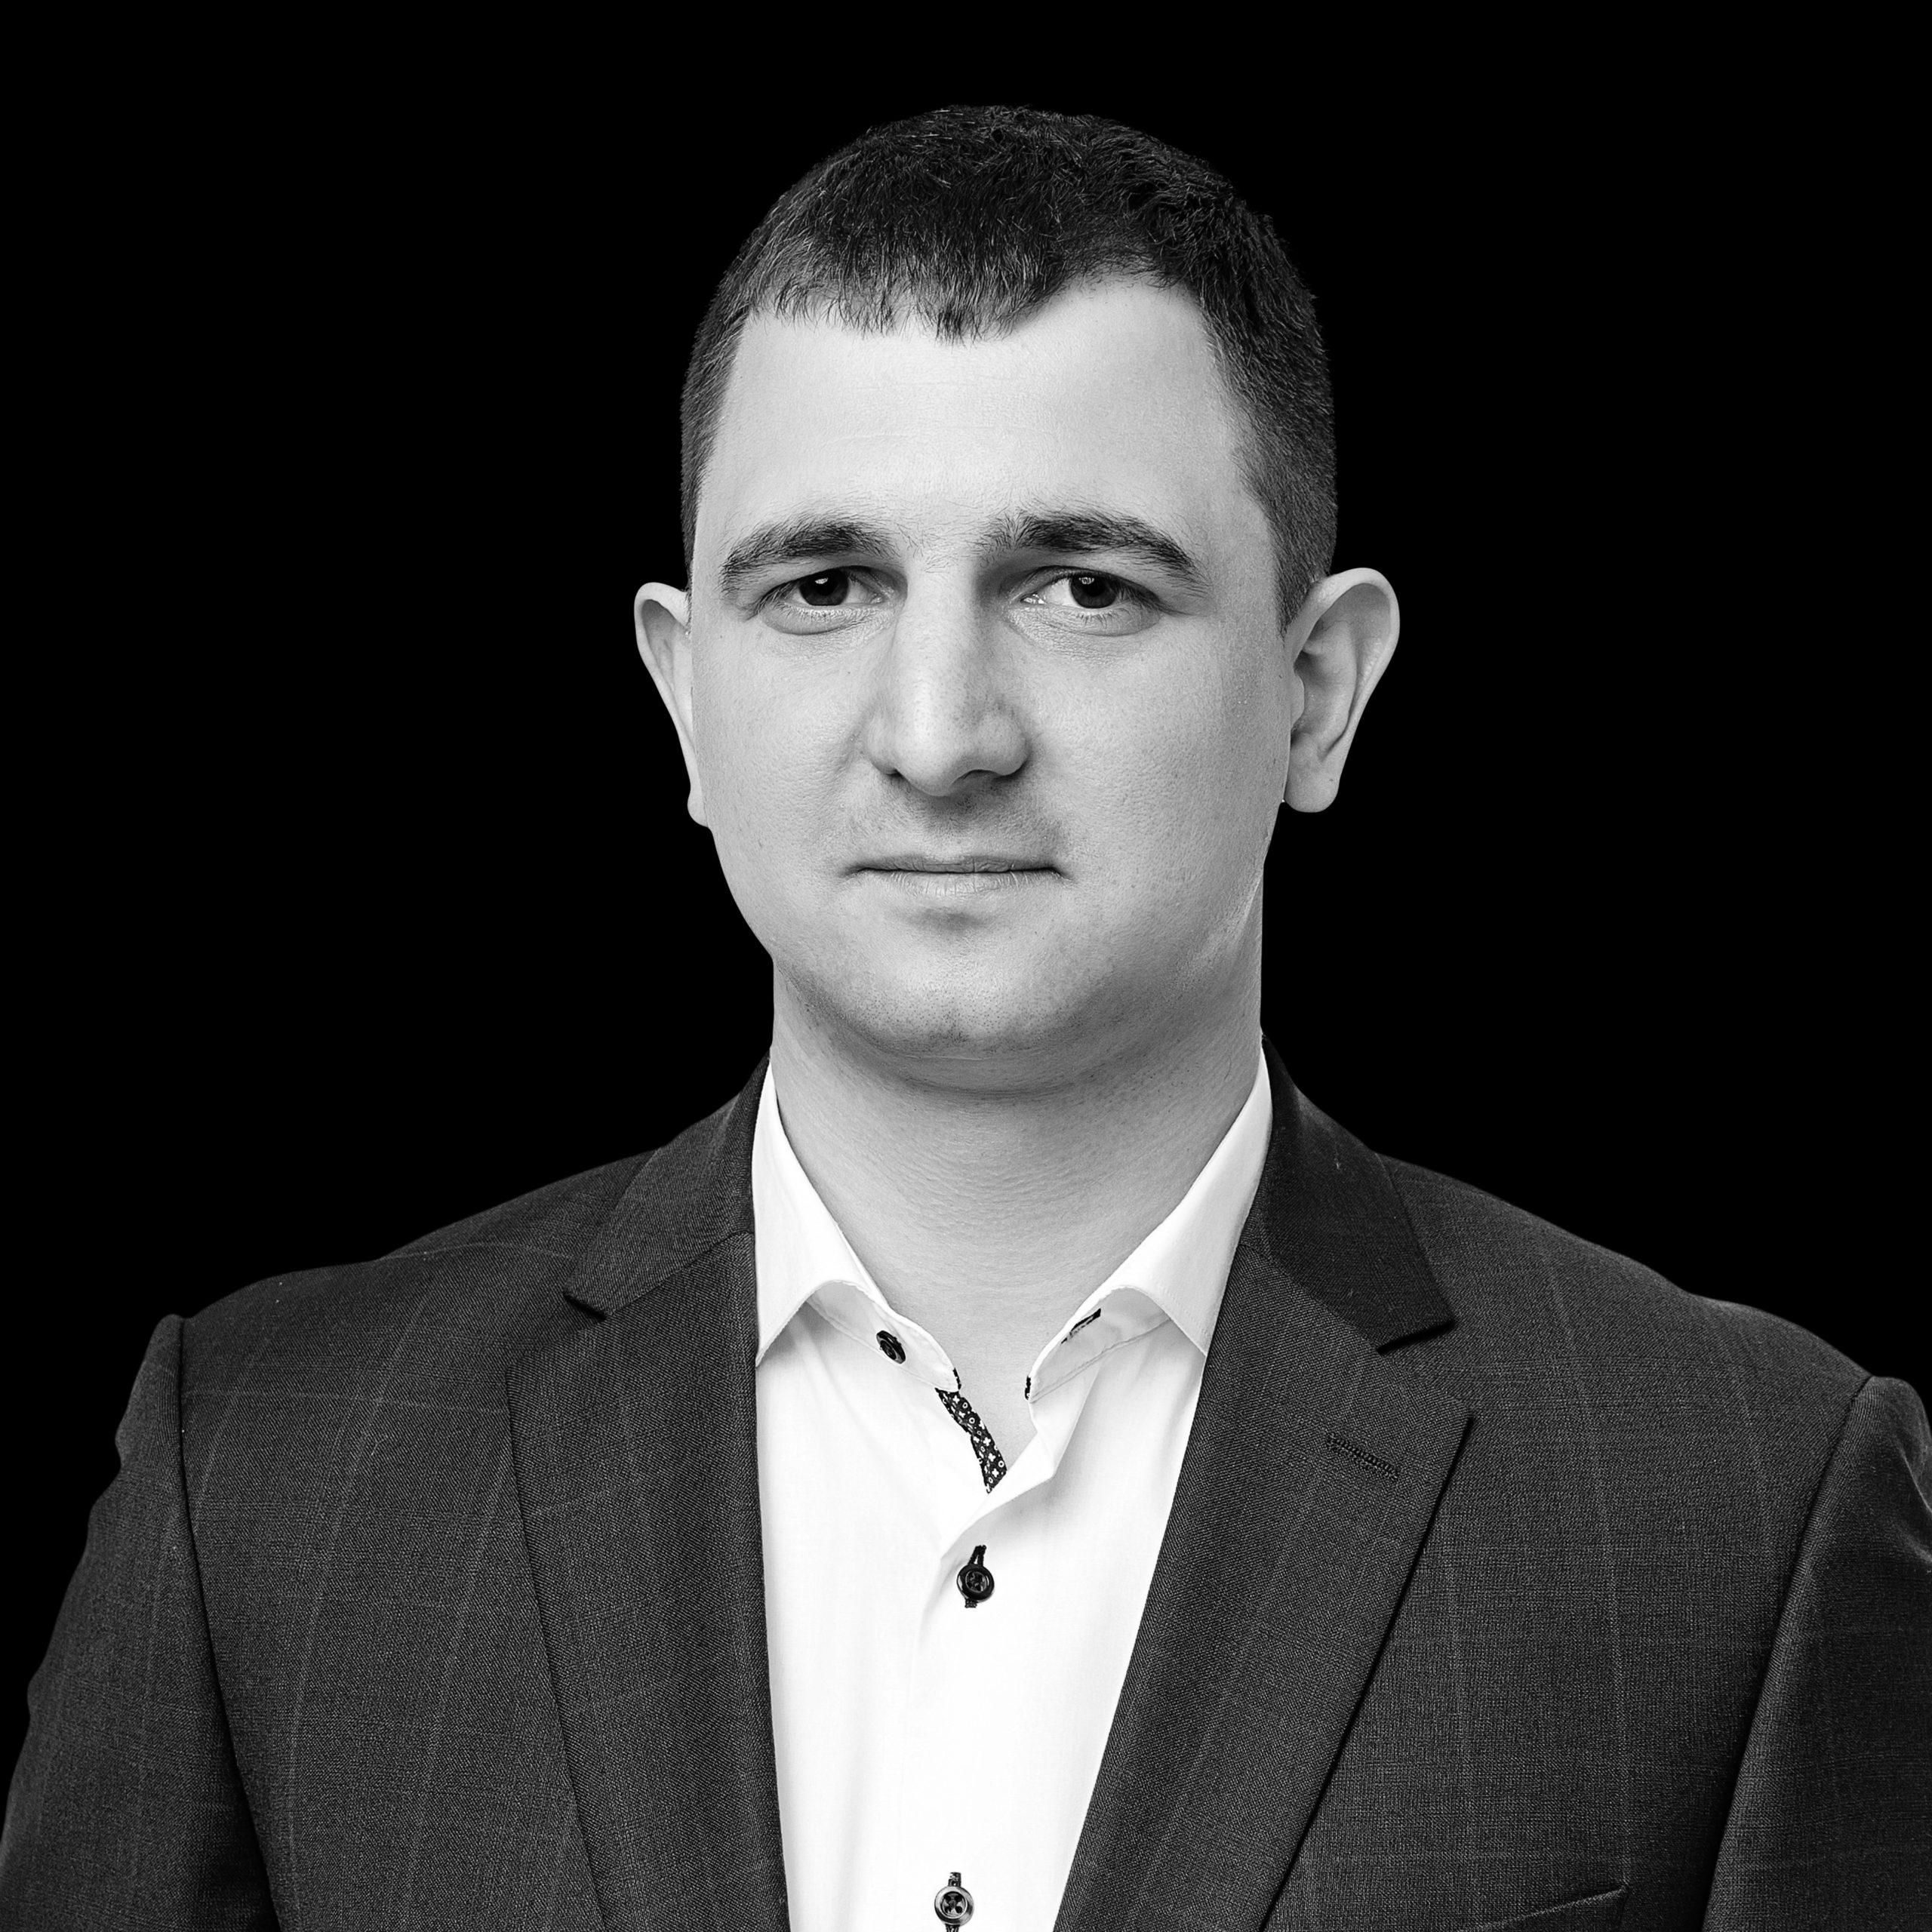 Костянтин Кудрик